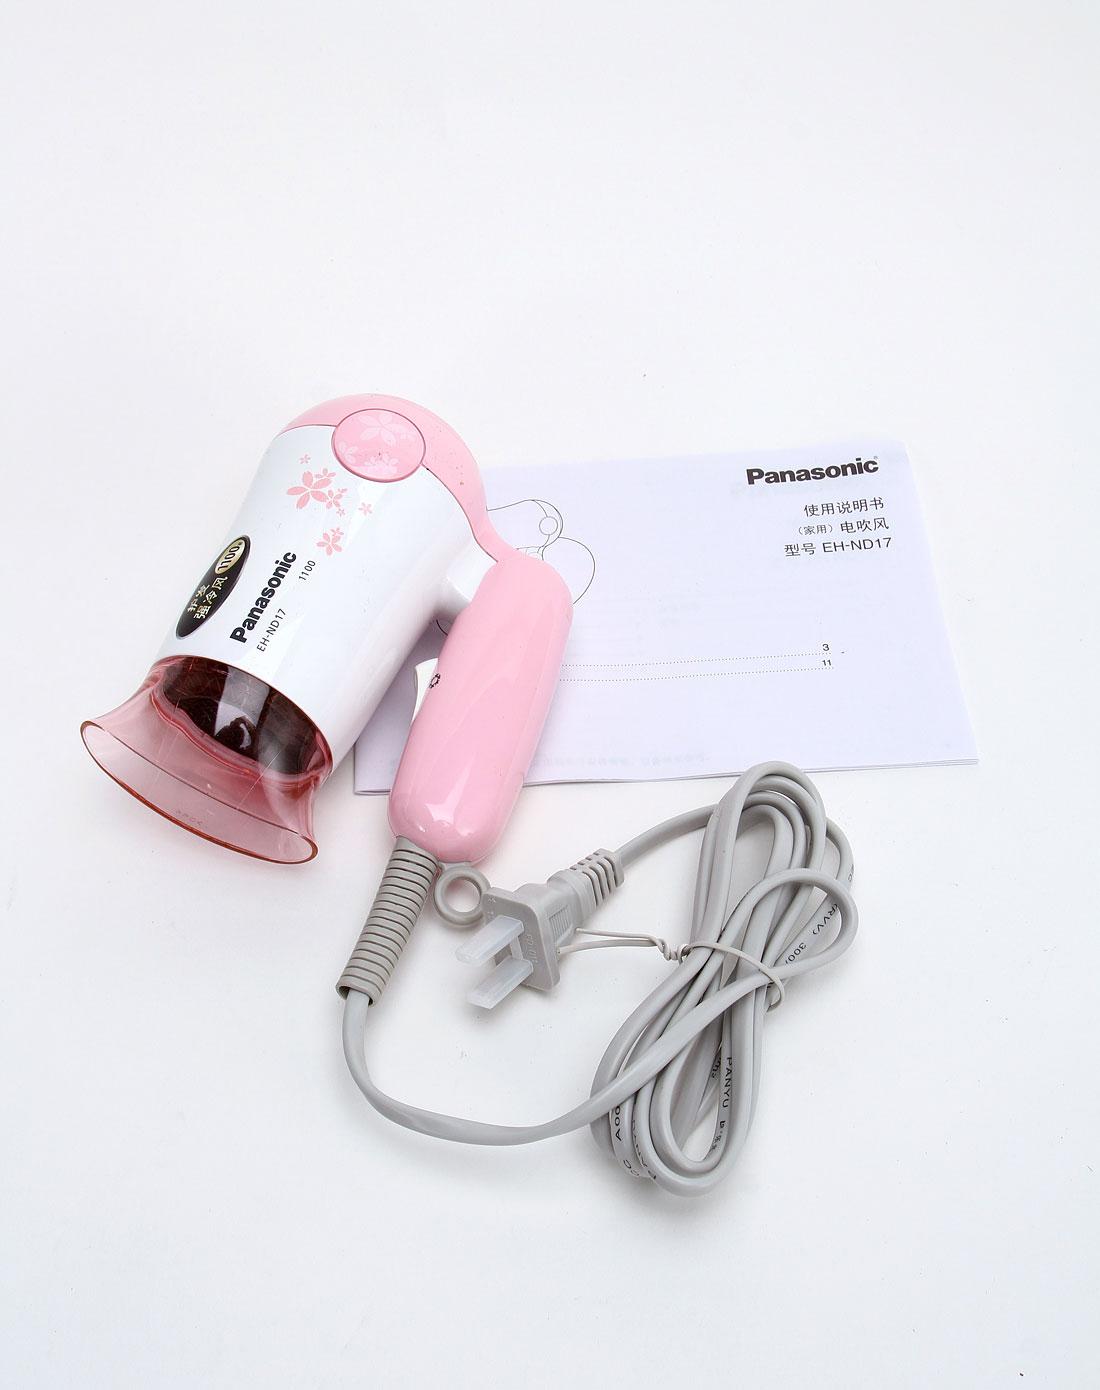 > 二档大泠风模式电吹风1100w粉红色